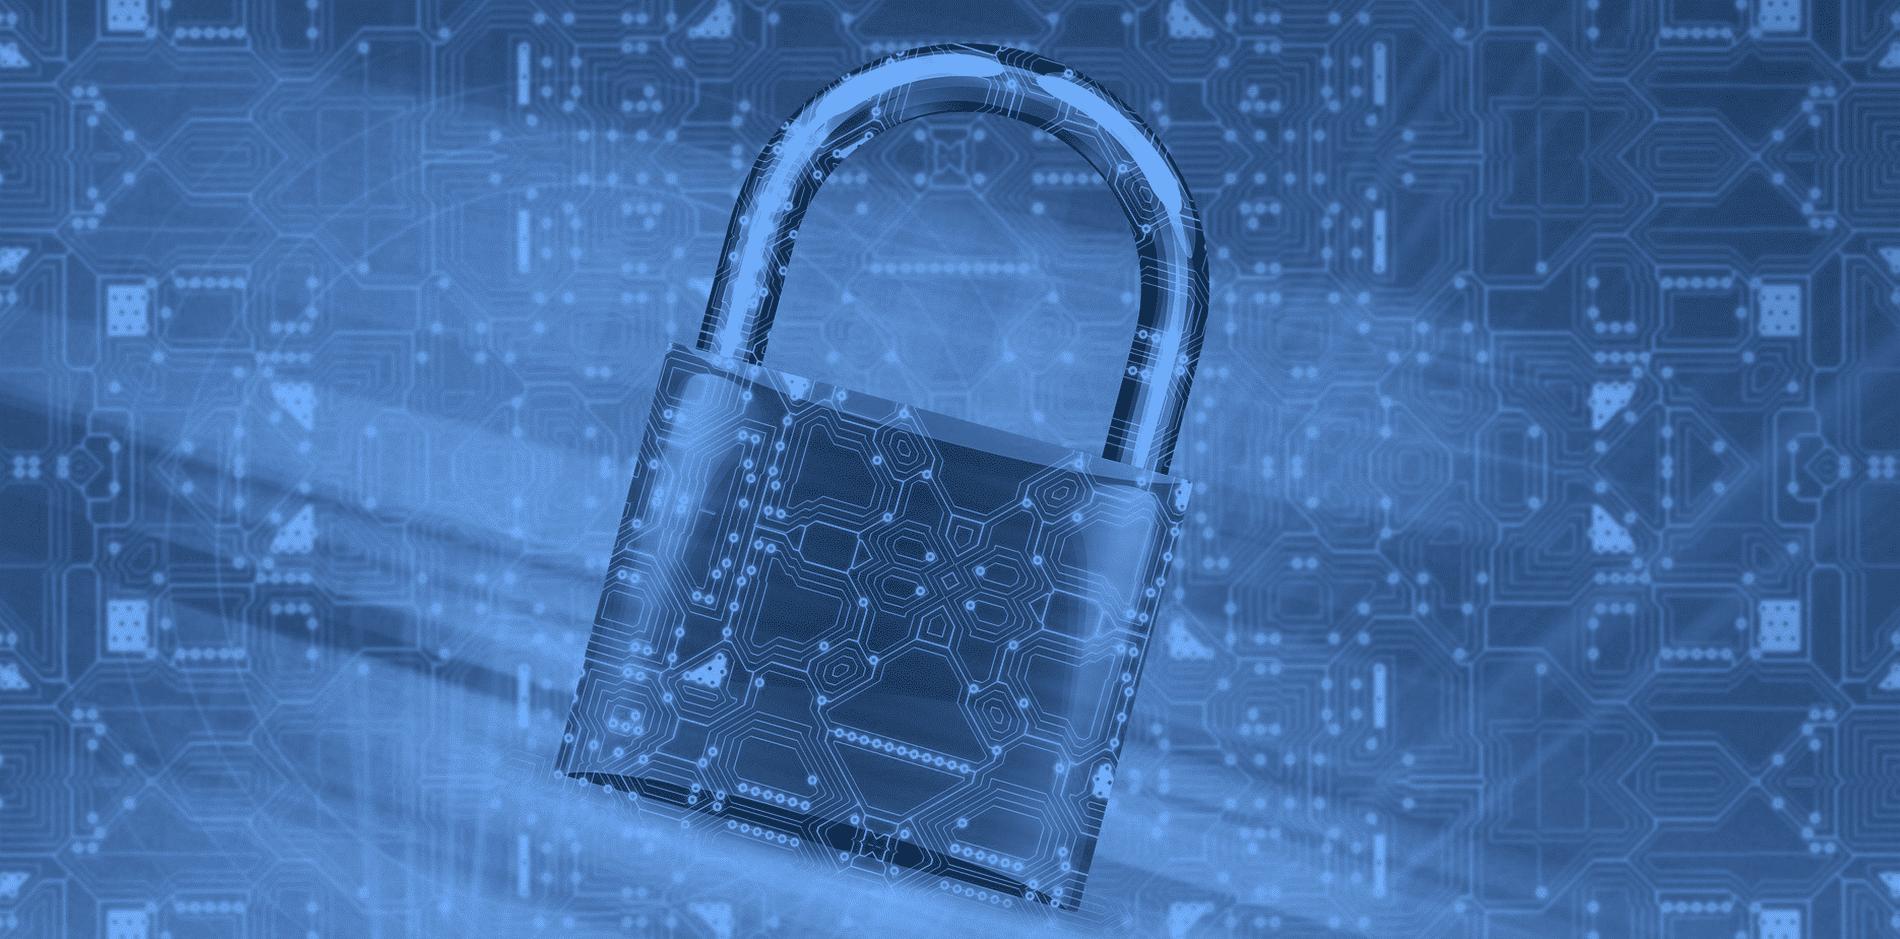 Le cryptage des données pour protéger son entreprise